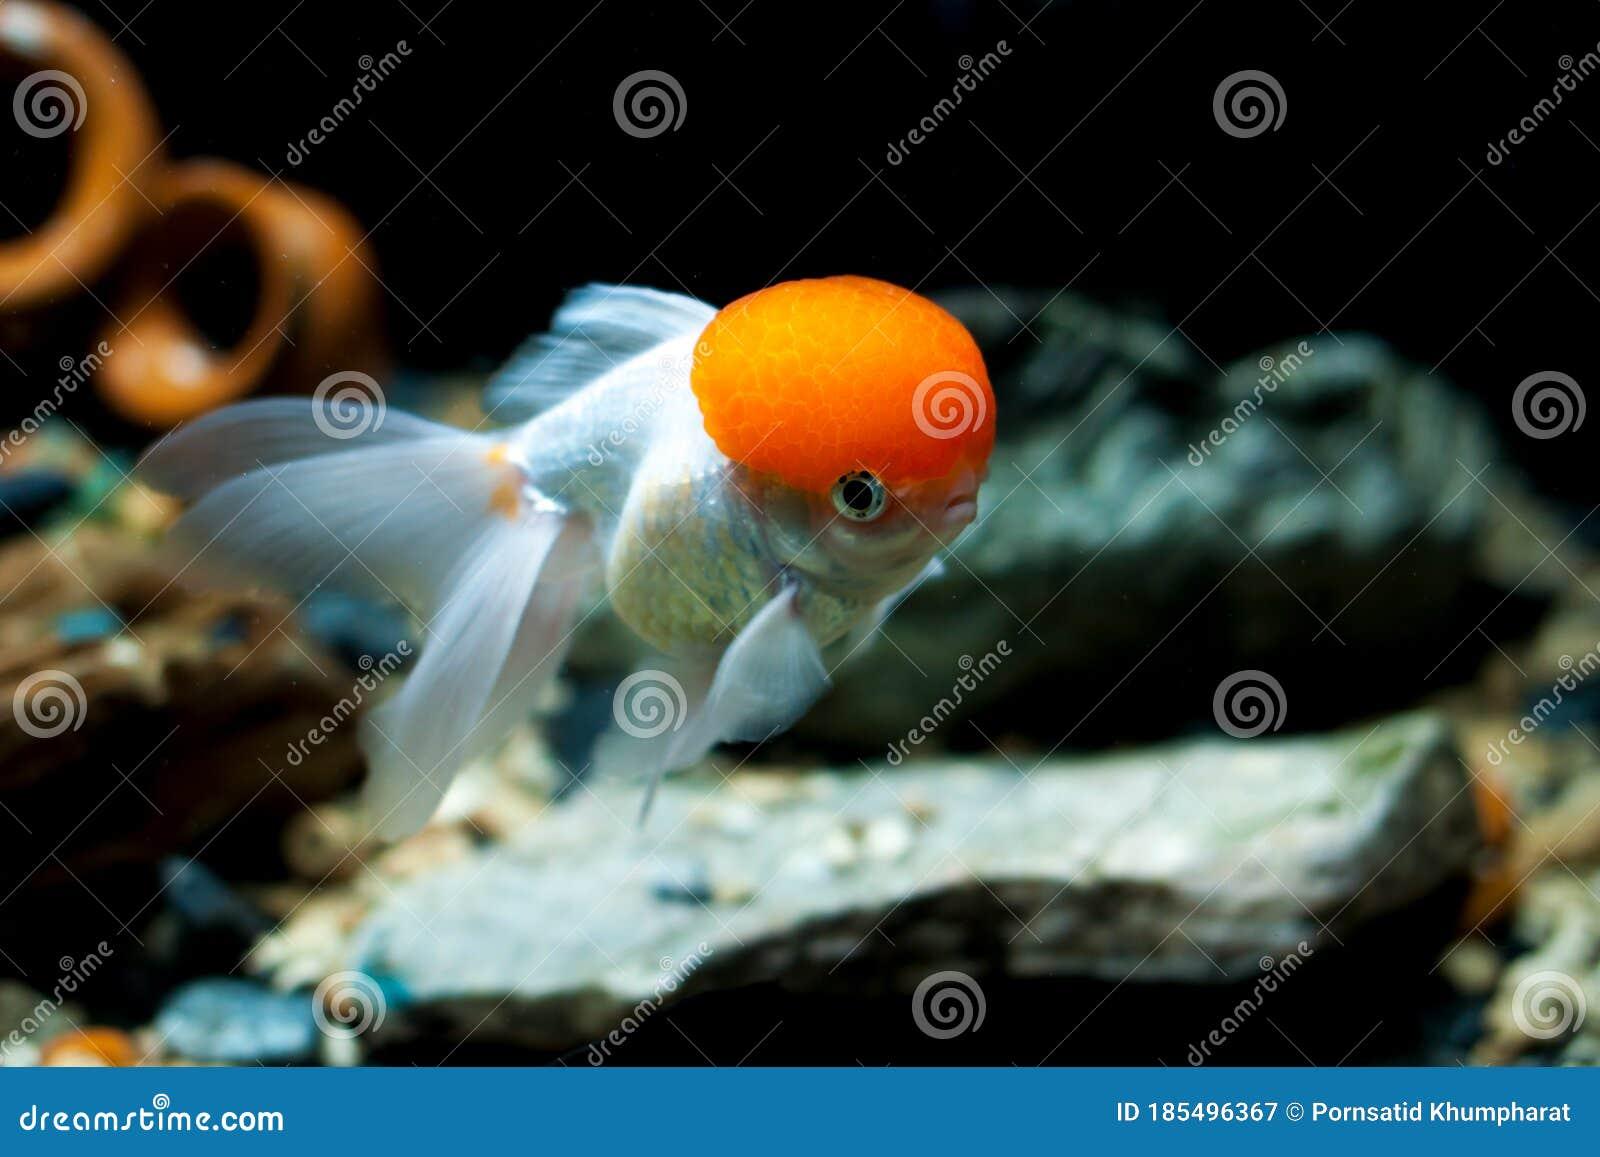 Cute Goldfish In The Aquarium Beautiful Pet Stock Image Image Of Design Aqua 185496367